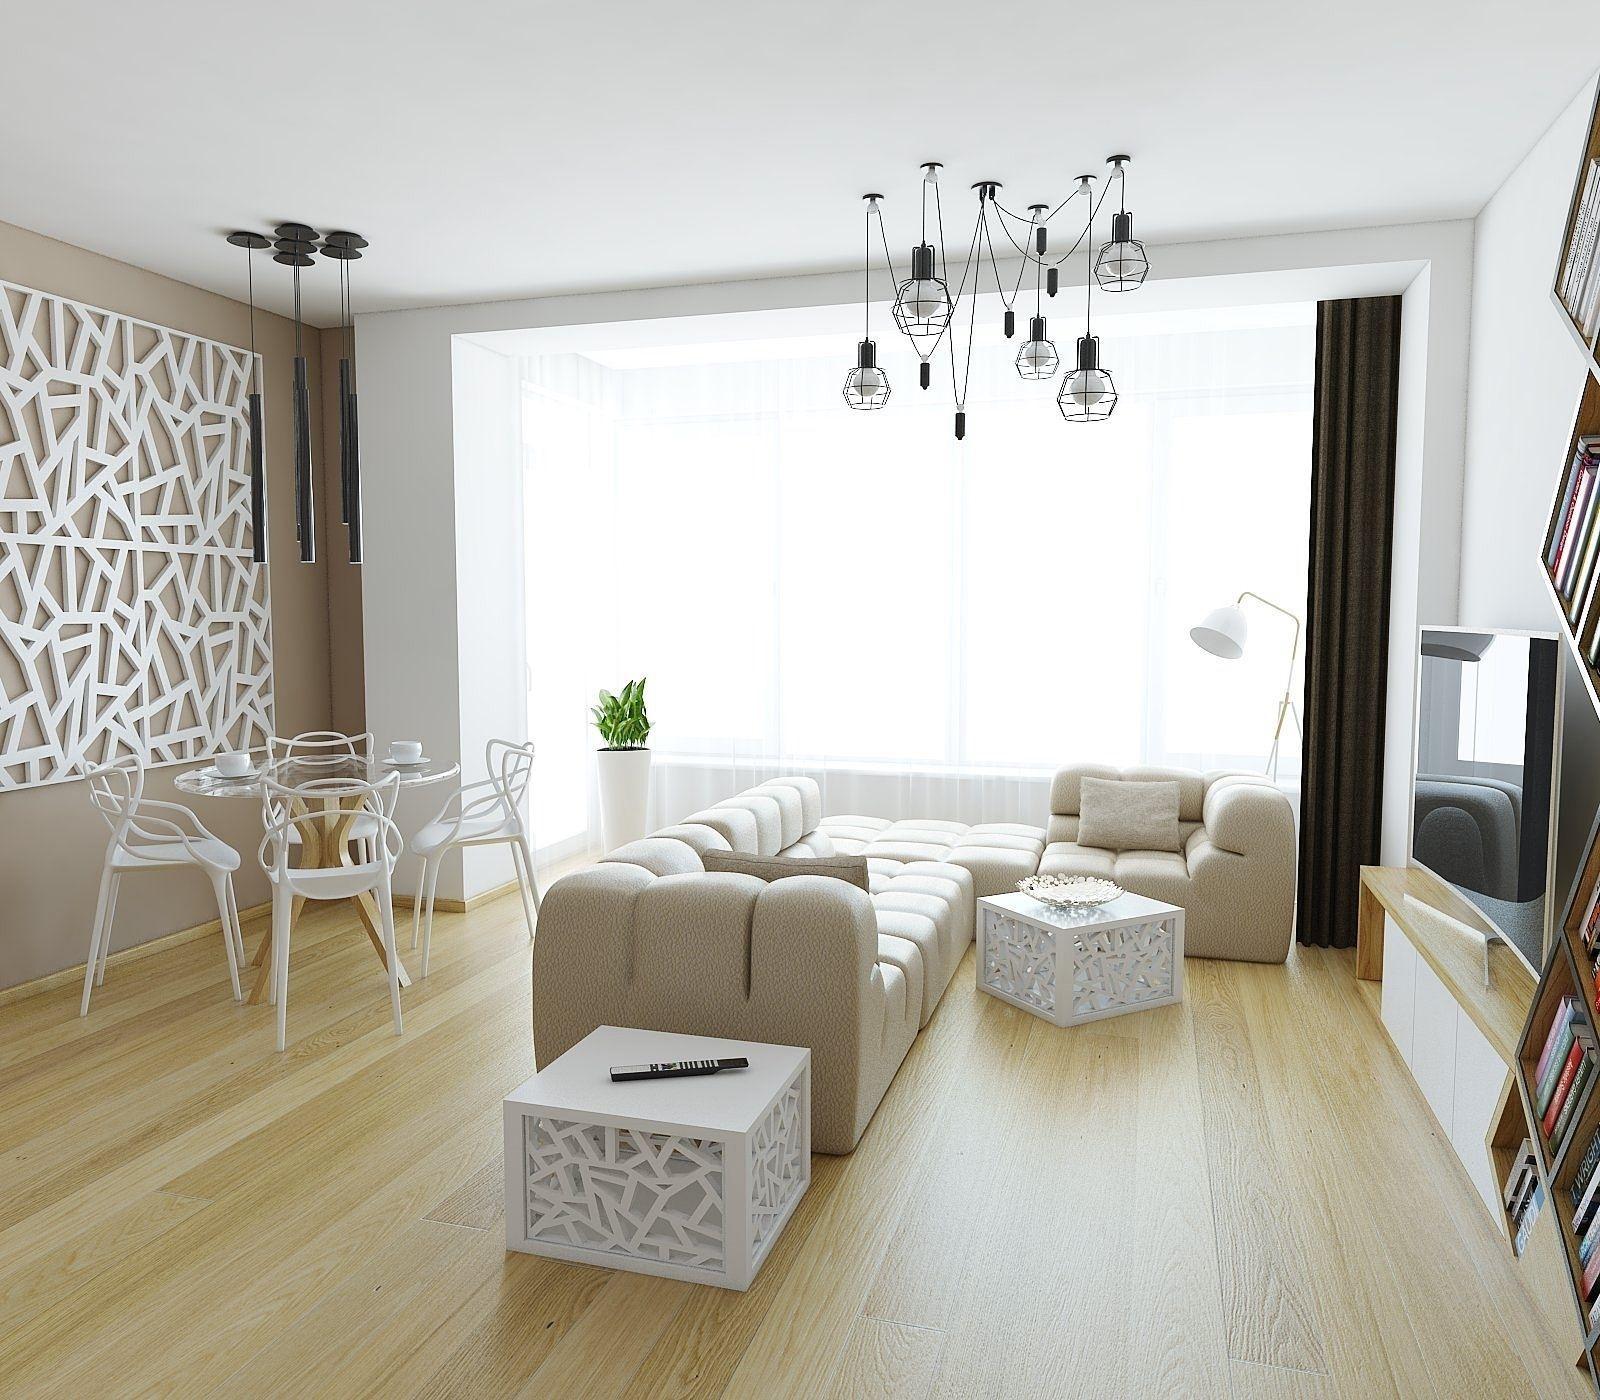 Cozy apartment living room design -  Cozy Apartment Living Room 3d Model Max Obj 3ds Fbx Stl Skp 3